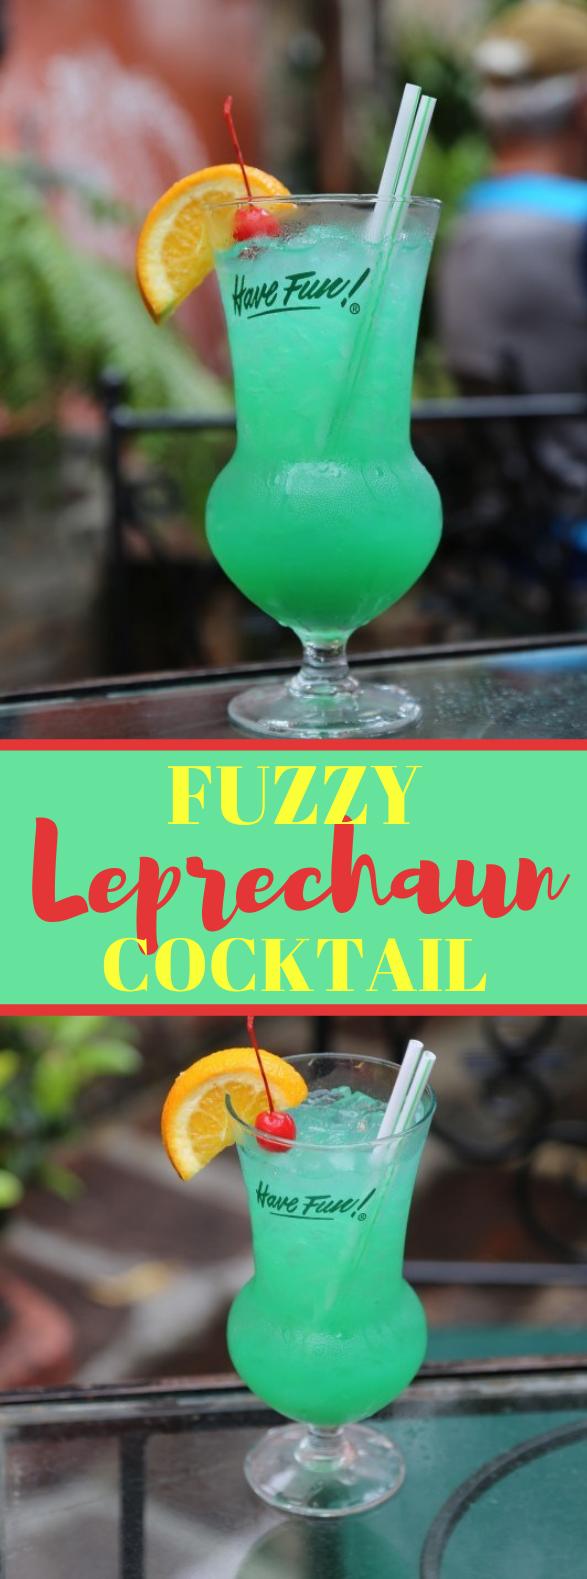 FUZZY LEPRECHAUN COCKTAIL RECIPE #drink #cocktails